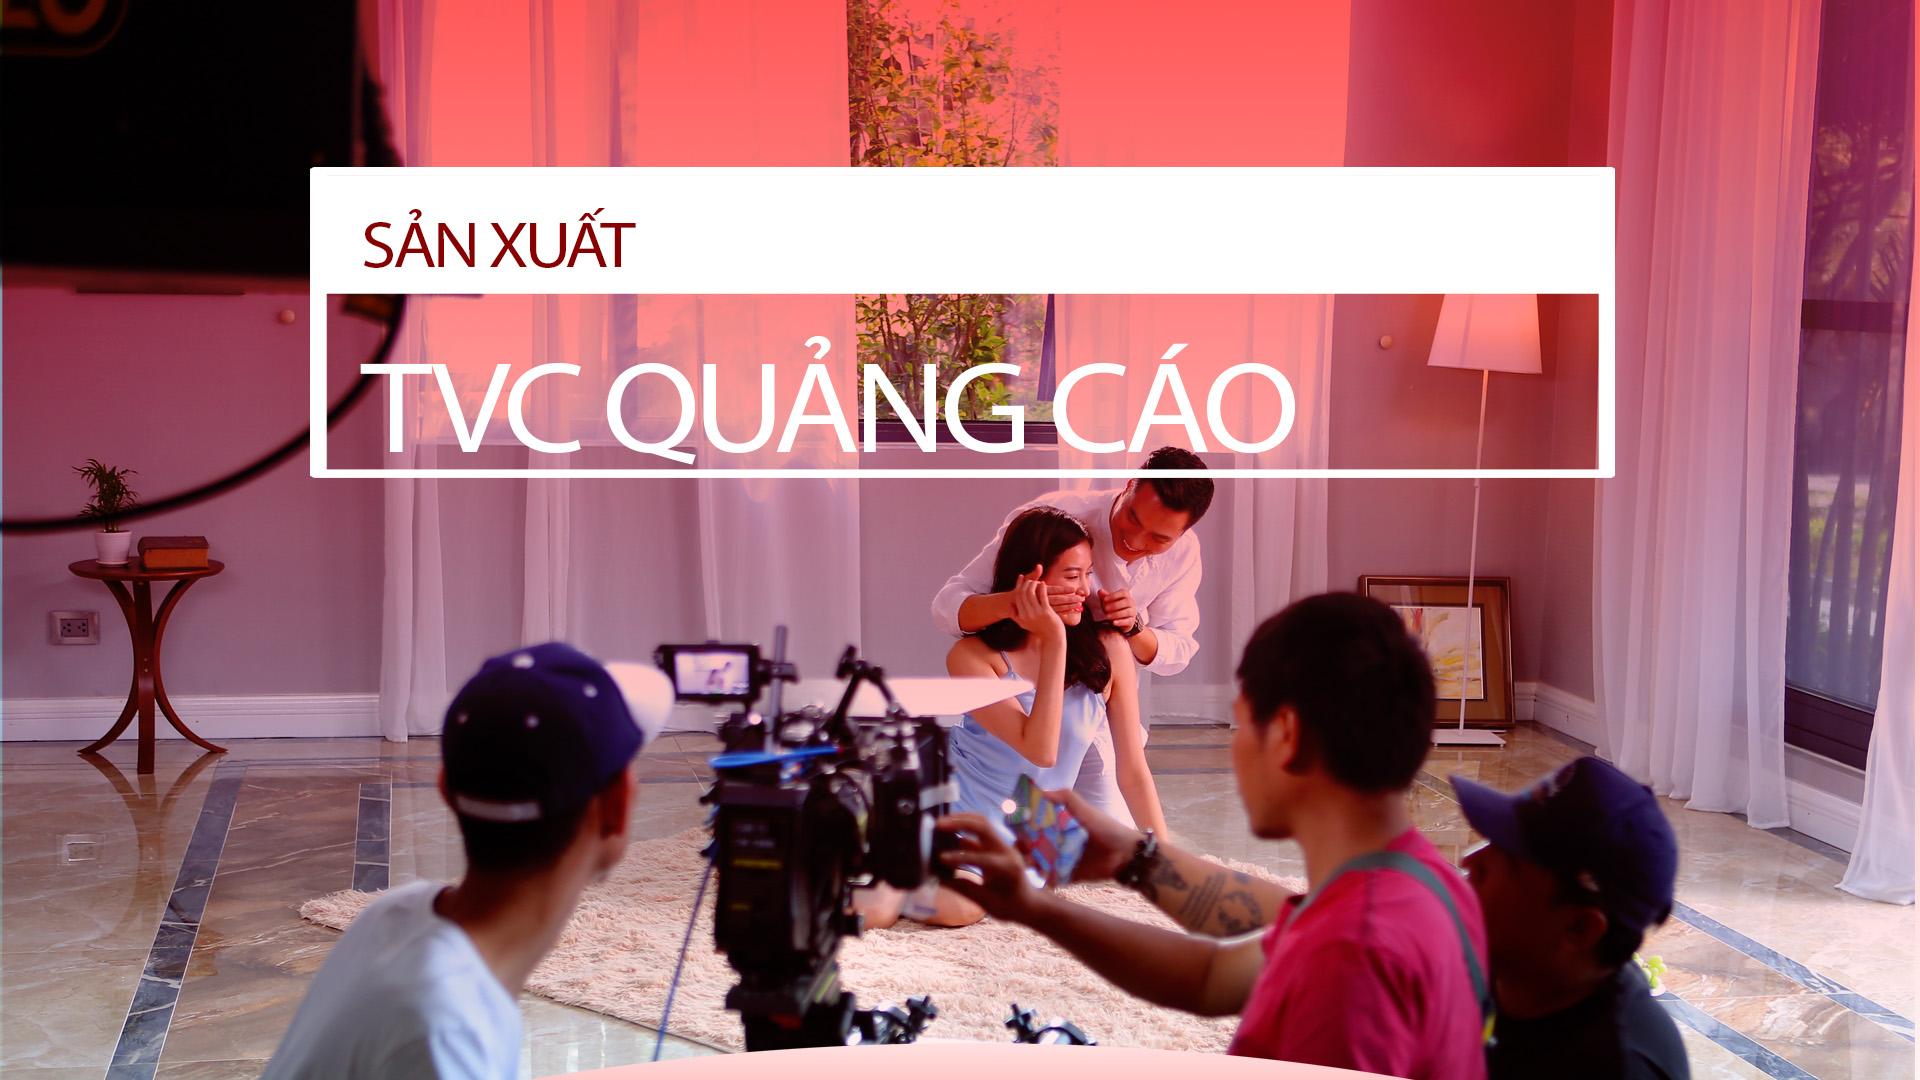 Quay TVC giới thiệu sản phẩm mang lại hiệu quả truyền thông cao